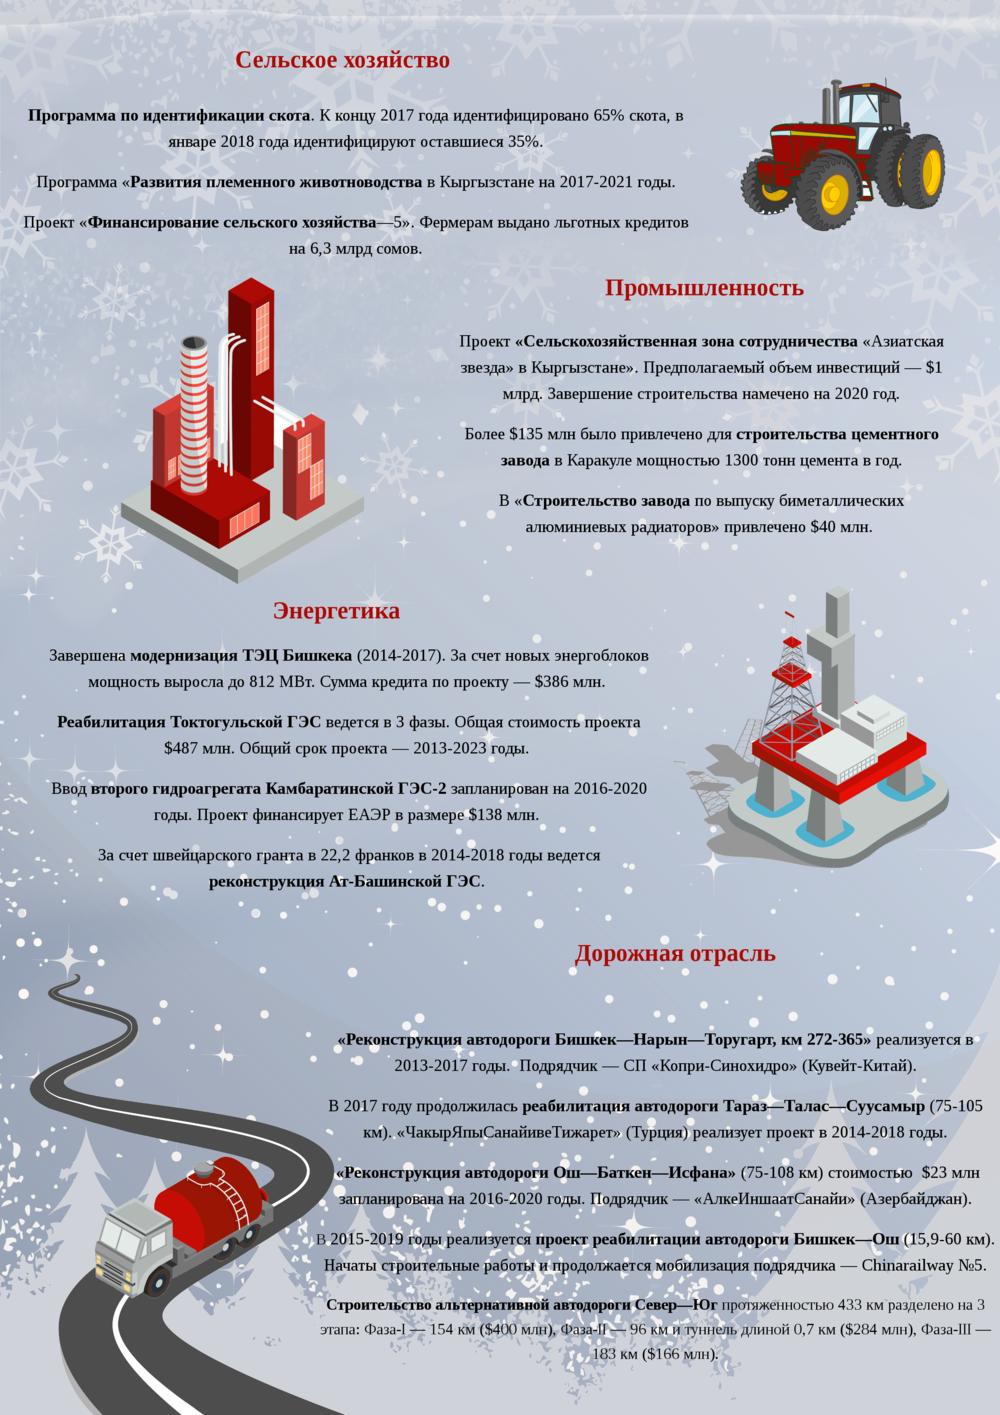 Инфографика — Какими отраслевыми проектами запомнился 2017 год?